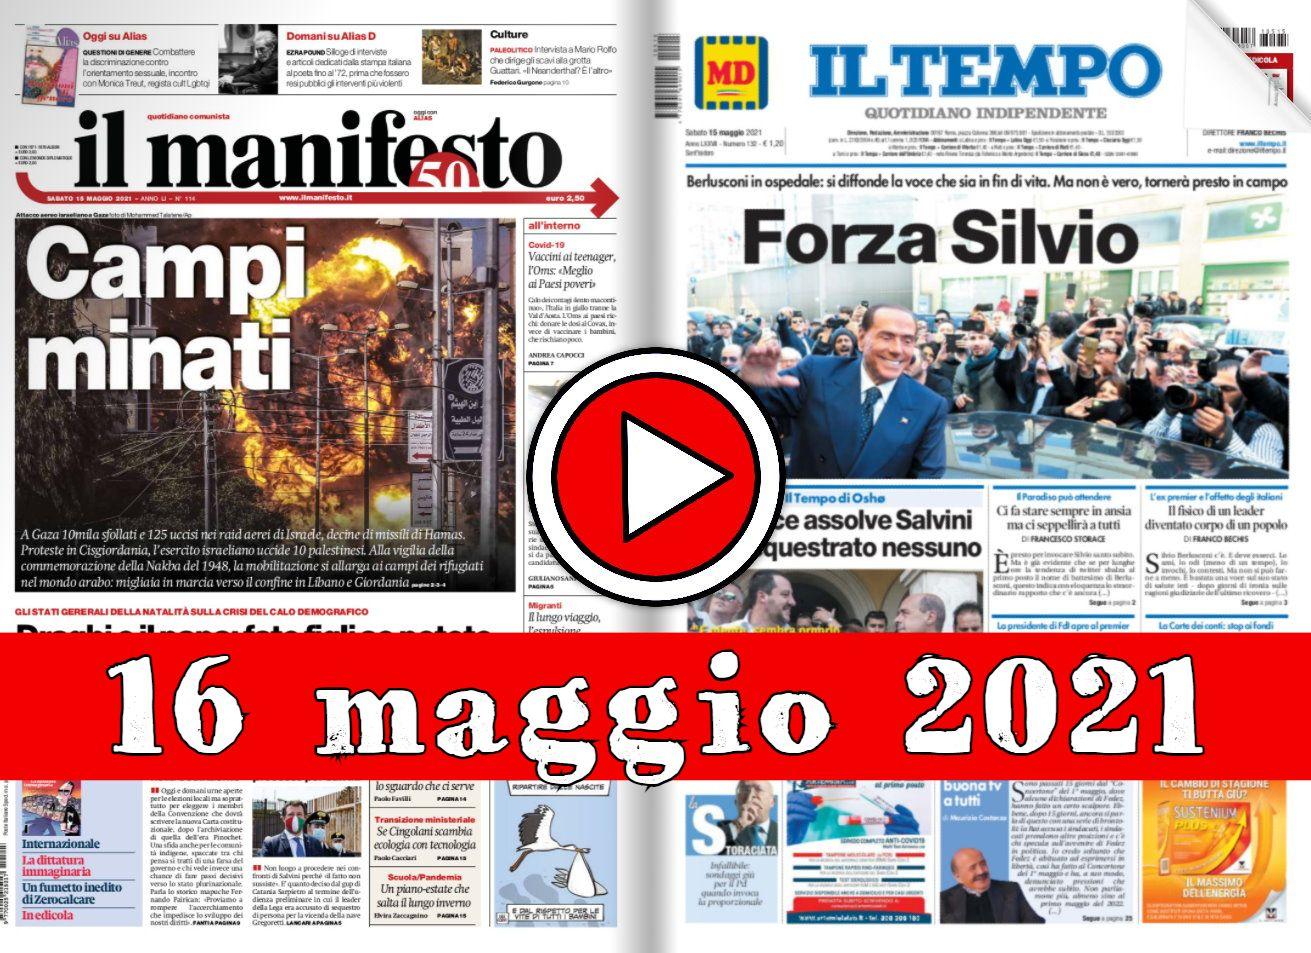 Rassegna stampa del 15 aprile 2021 prime pagine dei giornali in pdf